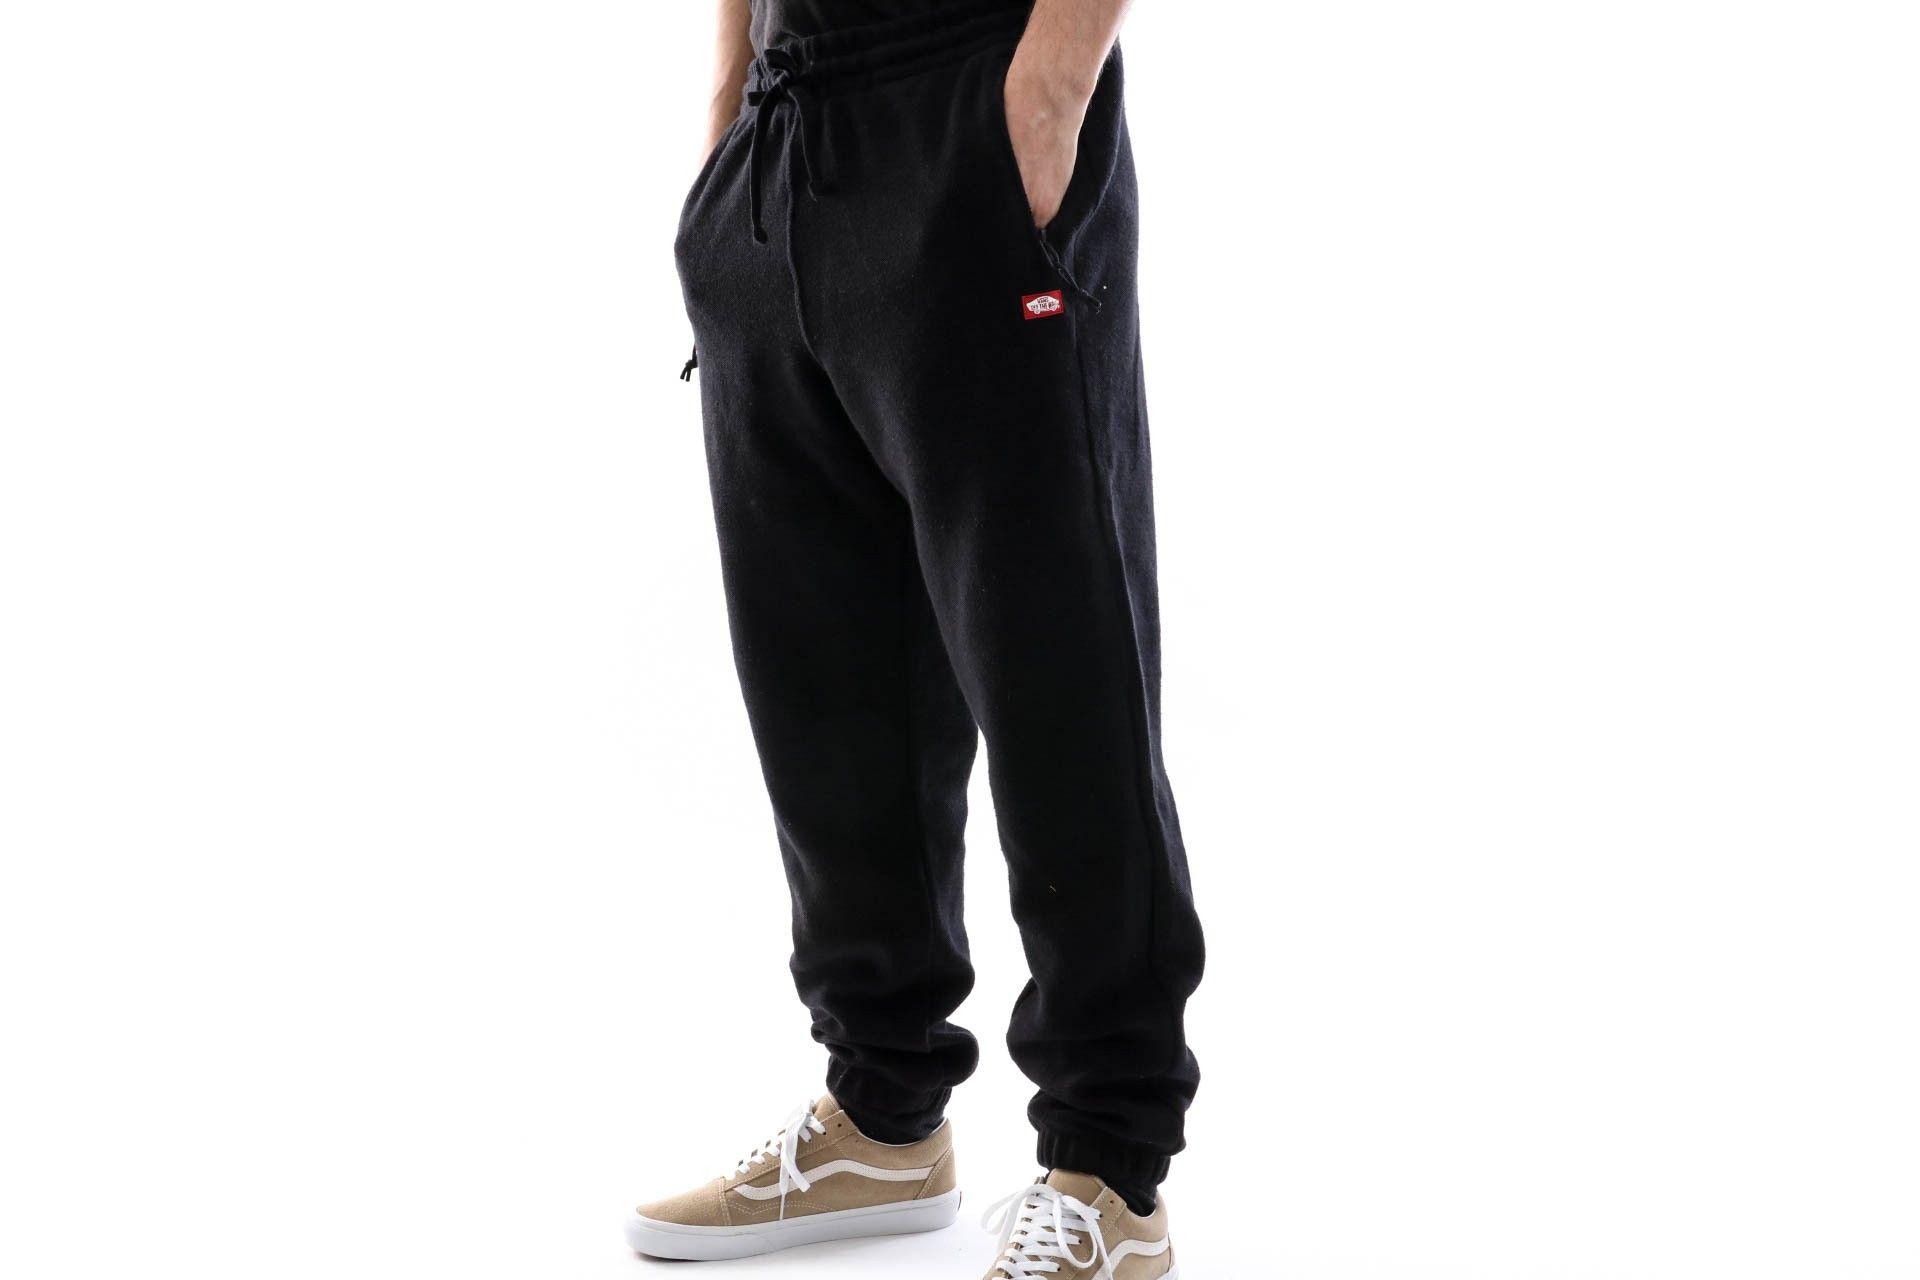 Afbeelding van Vans Trainingsbroek Mn Vans2K Fleece Pant Black VN0A49RSBLK1